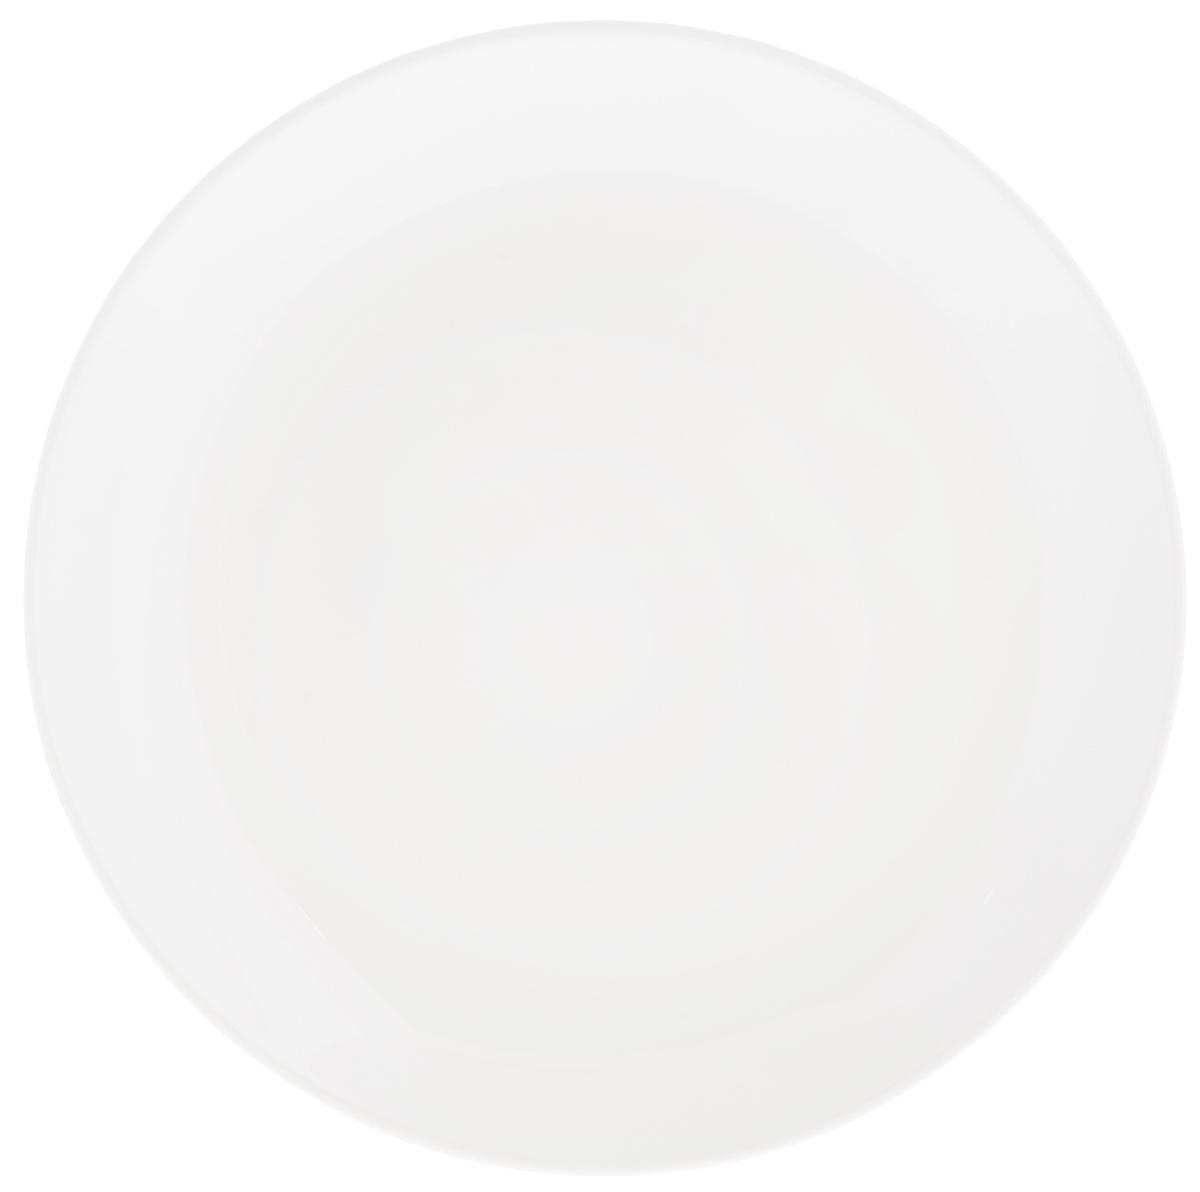 Тарелка десертная Luminarc Diwali, диаметр 19 смD7358Десертная тарелка Luminarc Diwali, изготовленная из ударопрочного стекла, имеет изысканный внешний вид. Такая тарелка прекрасно подходит как для торжественных случаев, так и для повседневного использования. Идеальна для подачи десертов, пирожных, тортов и многого другого. Она прекрасно оформит стол и станет отличным дополнением к вашей коллекции кухонной посуды.